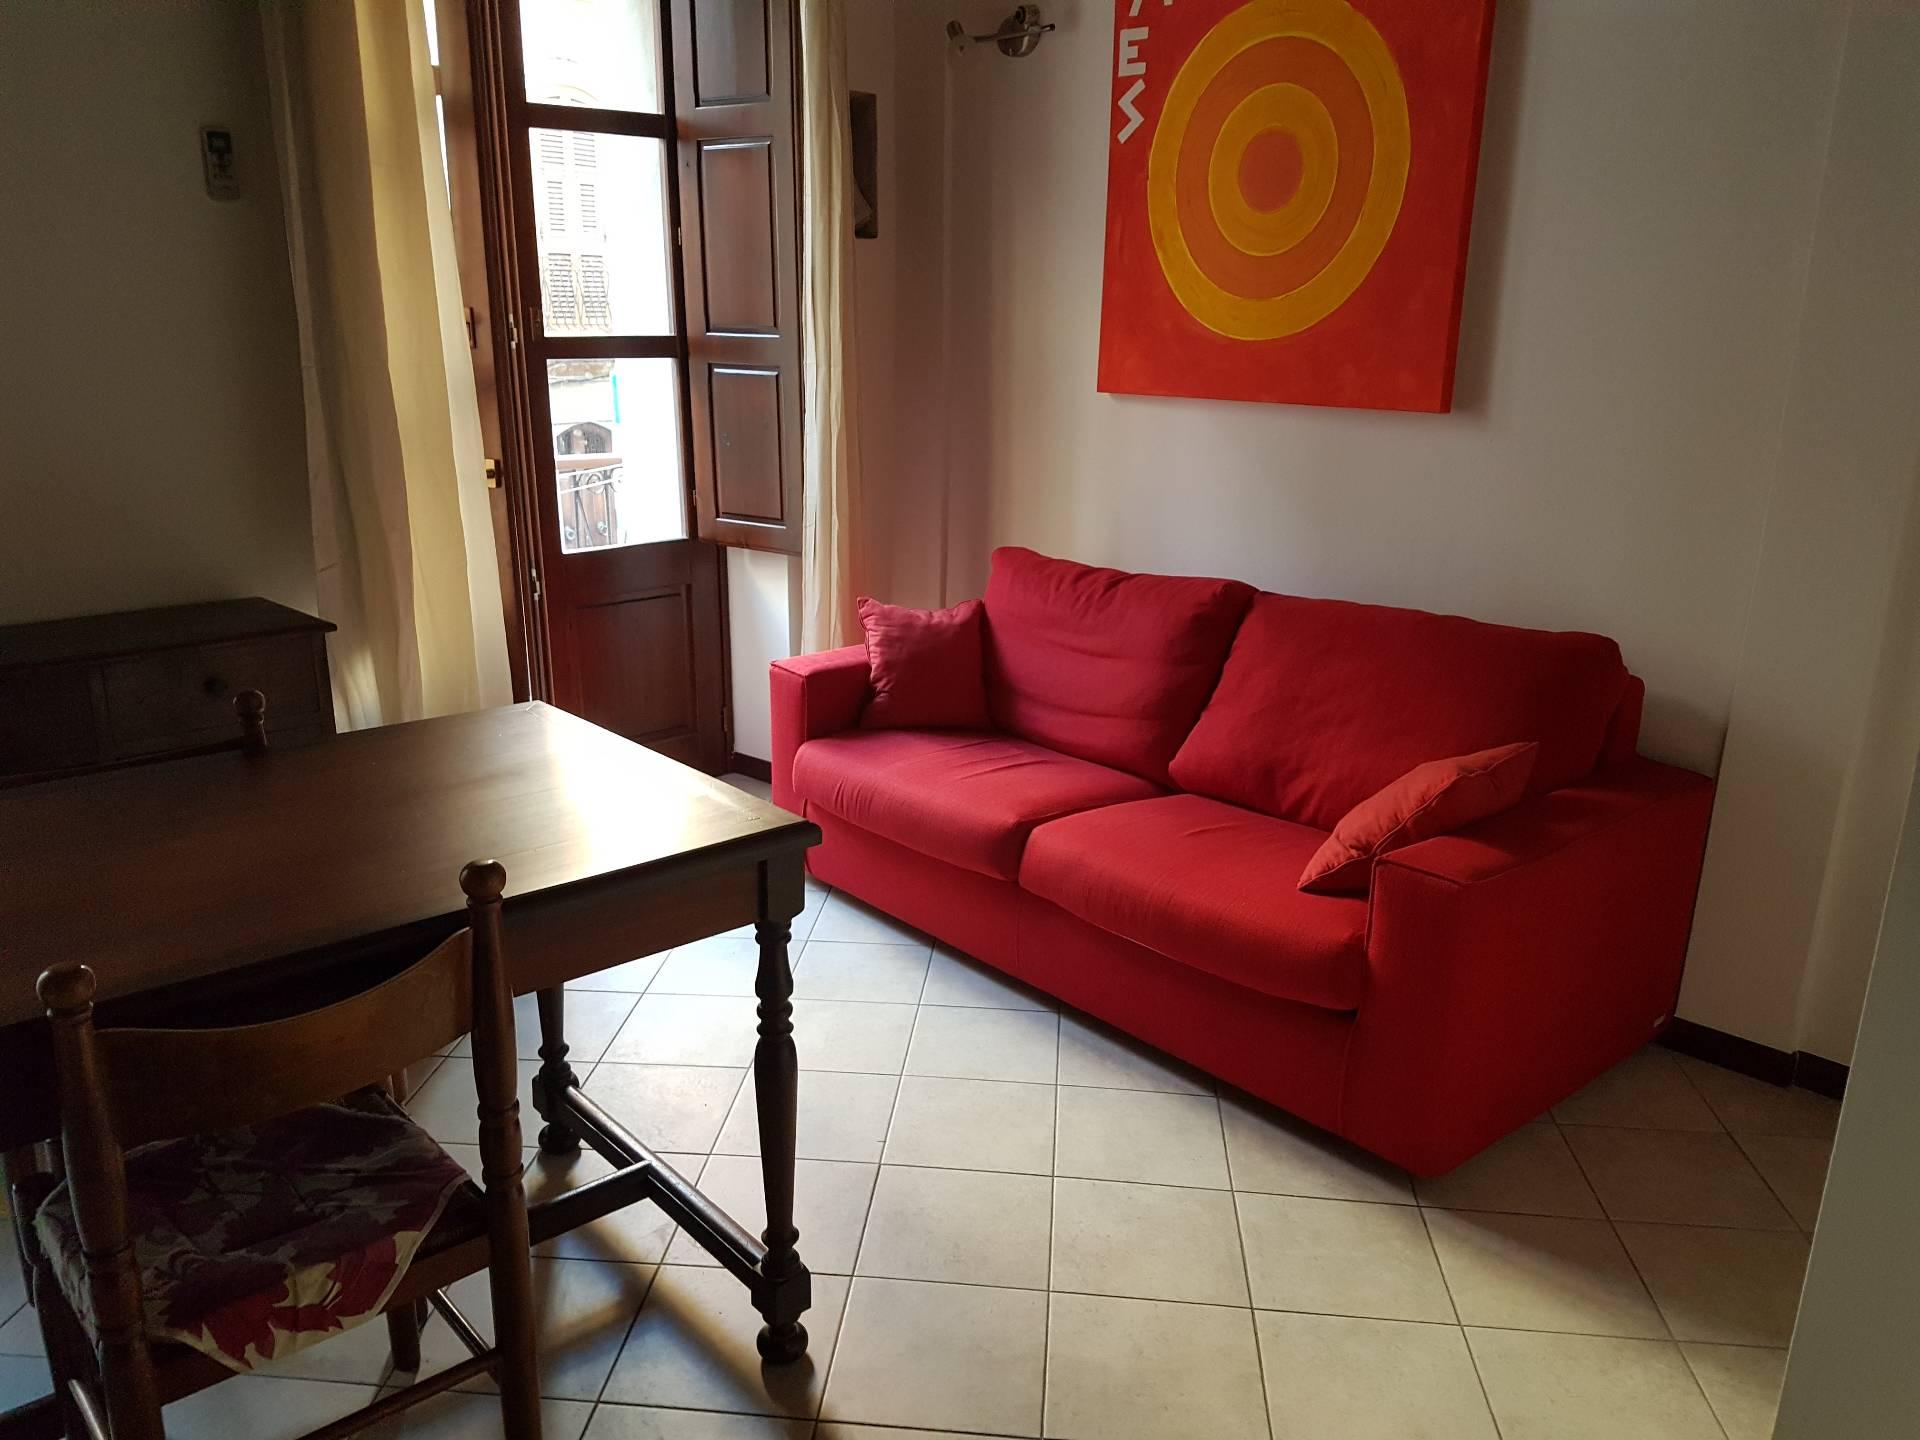 Appartamento in affitto a Cagliari, 2 locali, zona Zona: Marina, prezzo € 650 | Cambio Casa.it